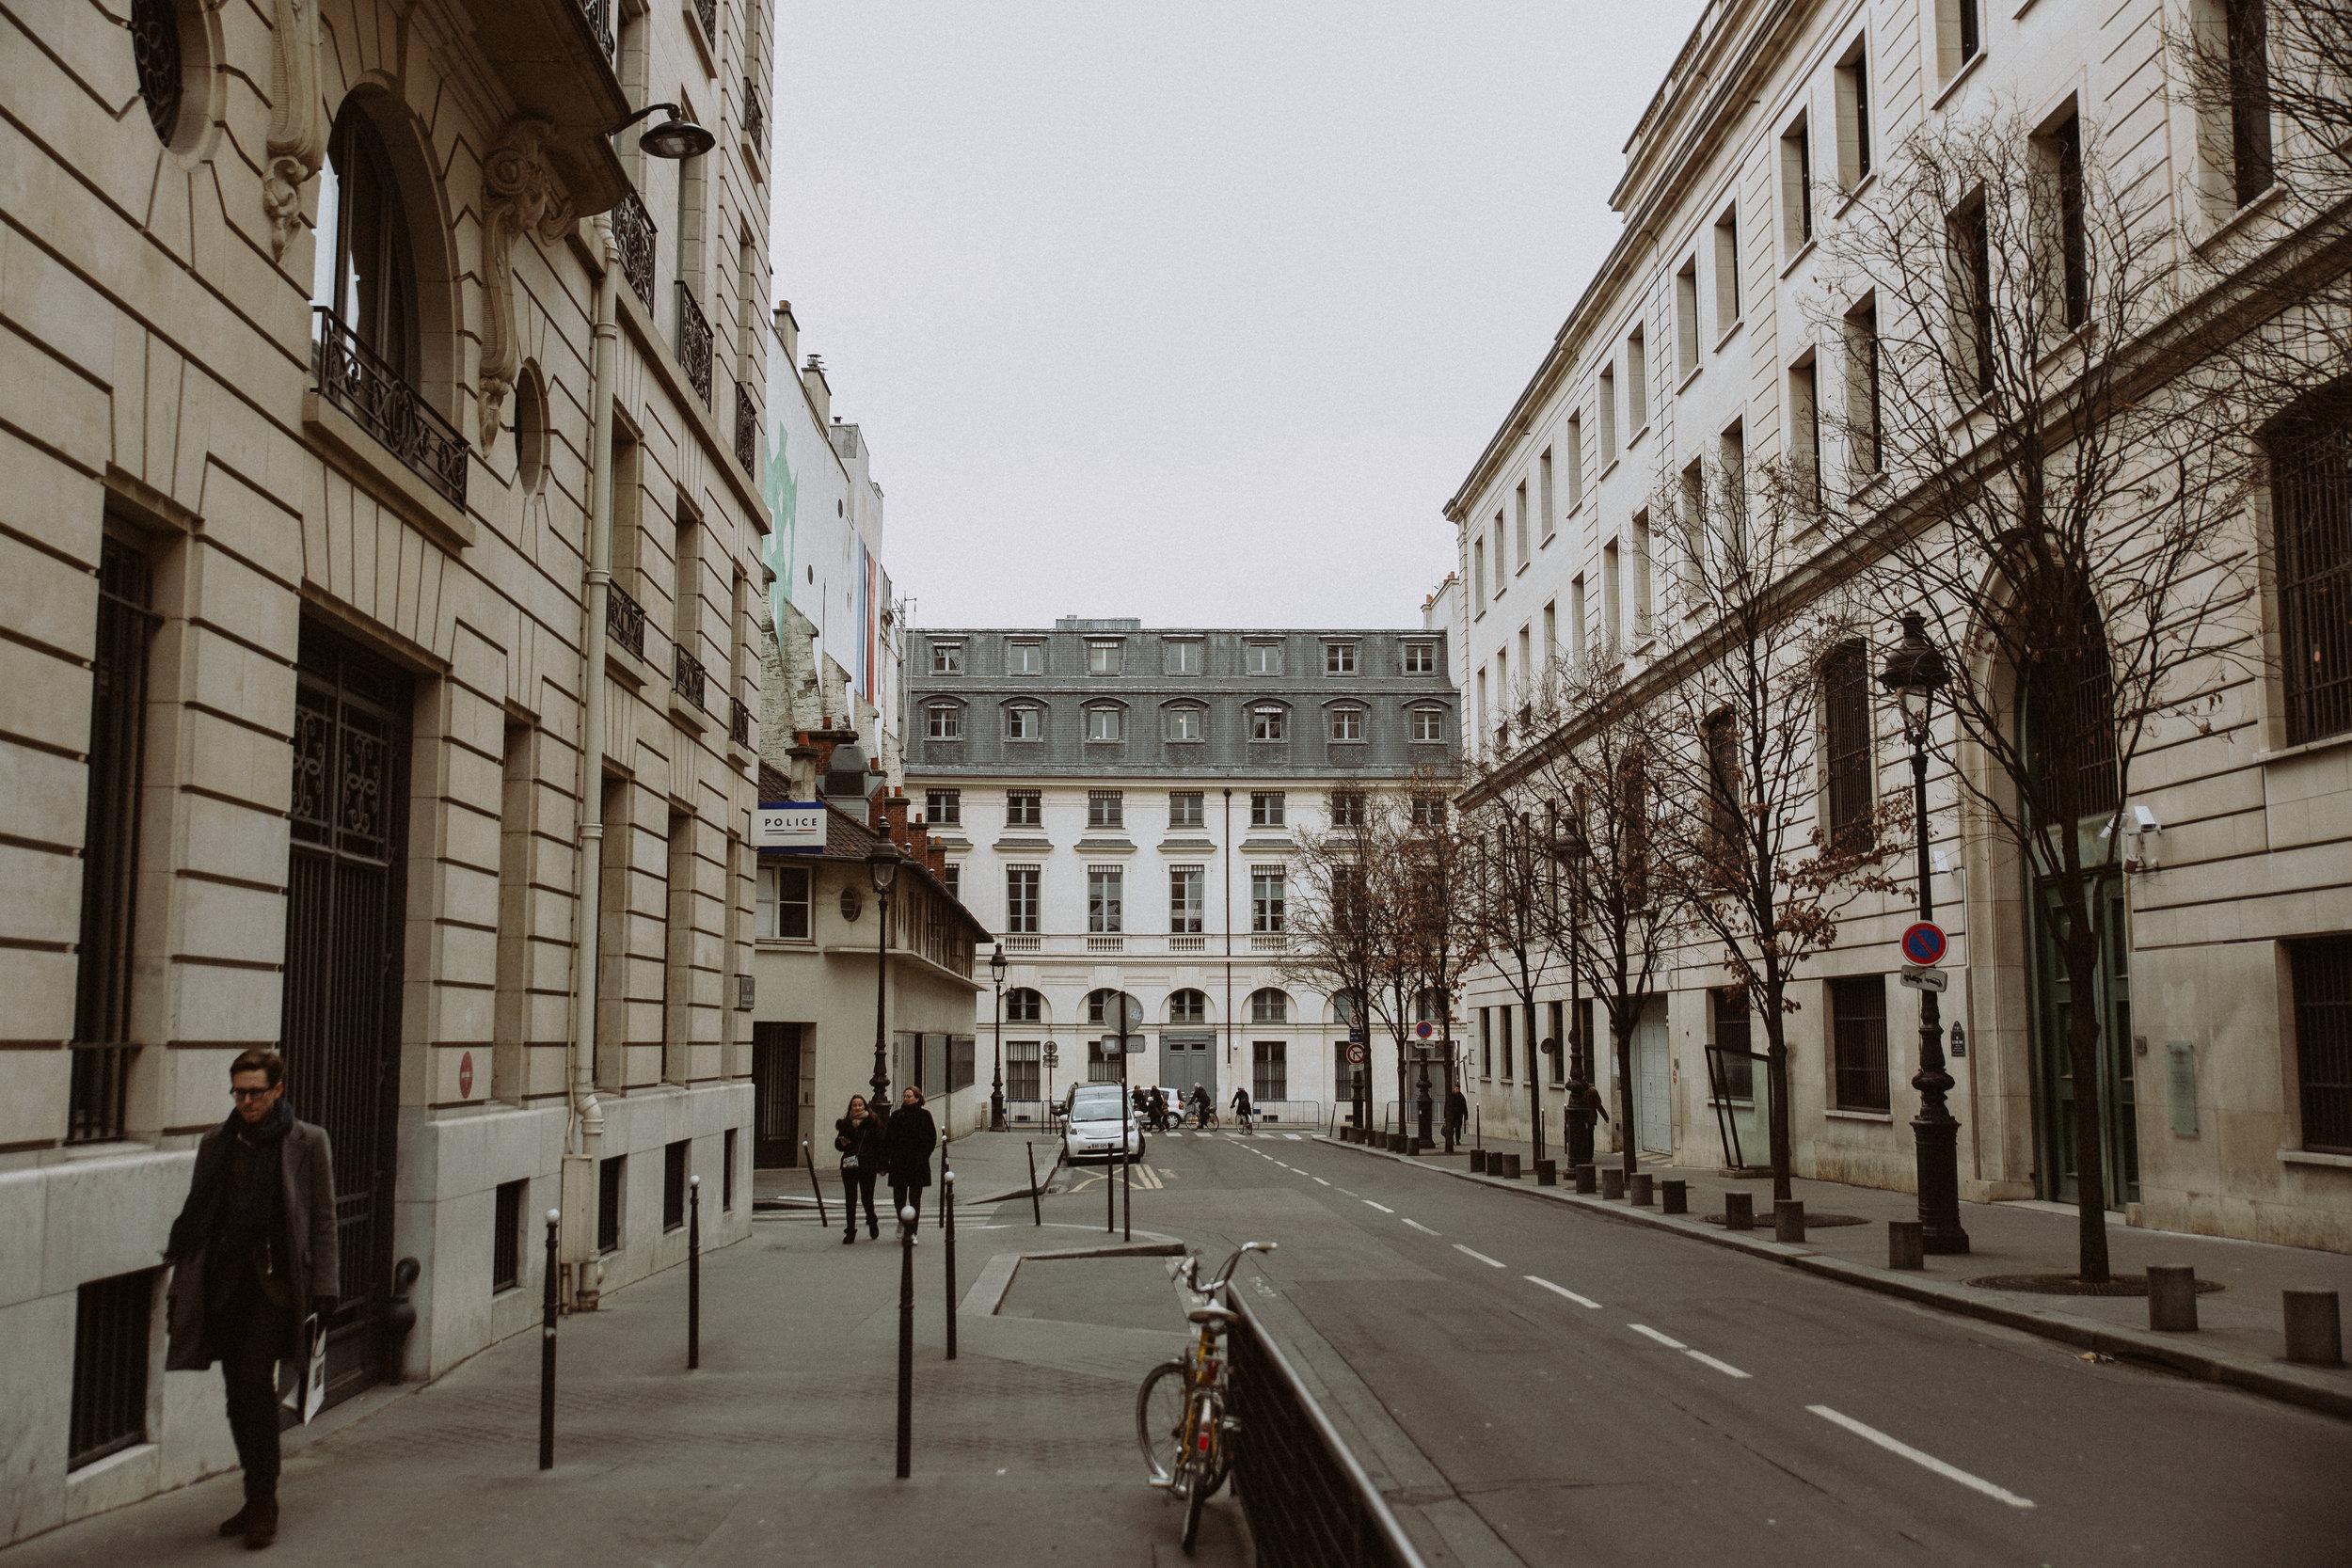 ParisCityShots (1 of 10).jpg